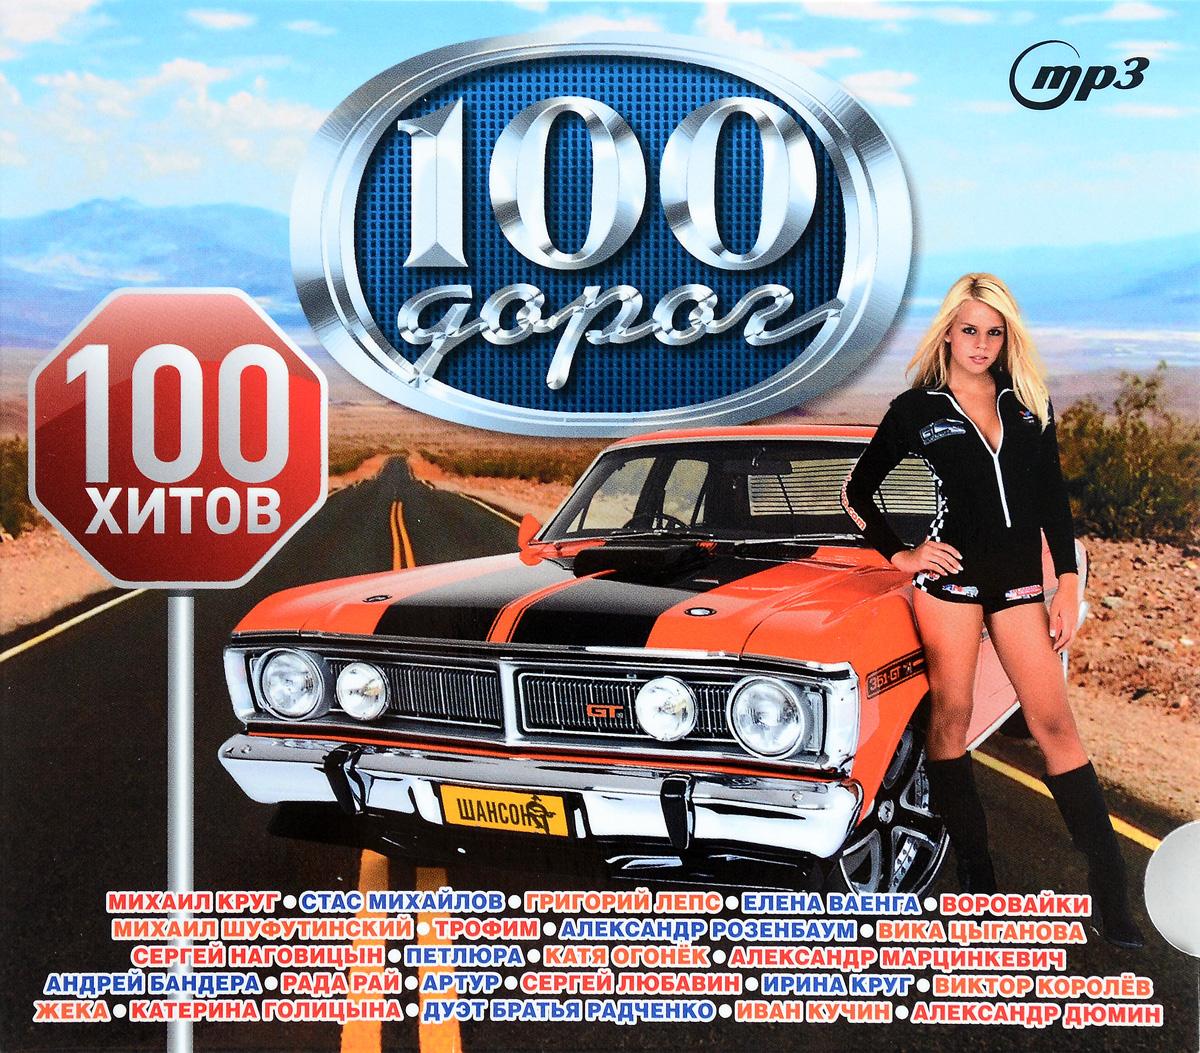 Михаил Круг,Трофим,Воровайки 100 дорог. 100 хитов (mp3) cd григорий лепс ты чего такой серьезный